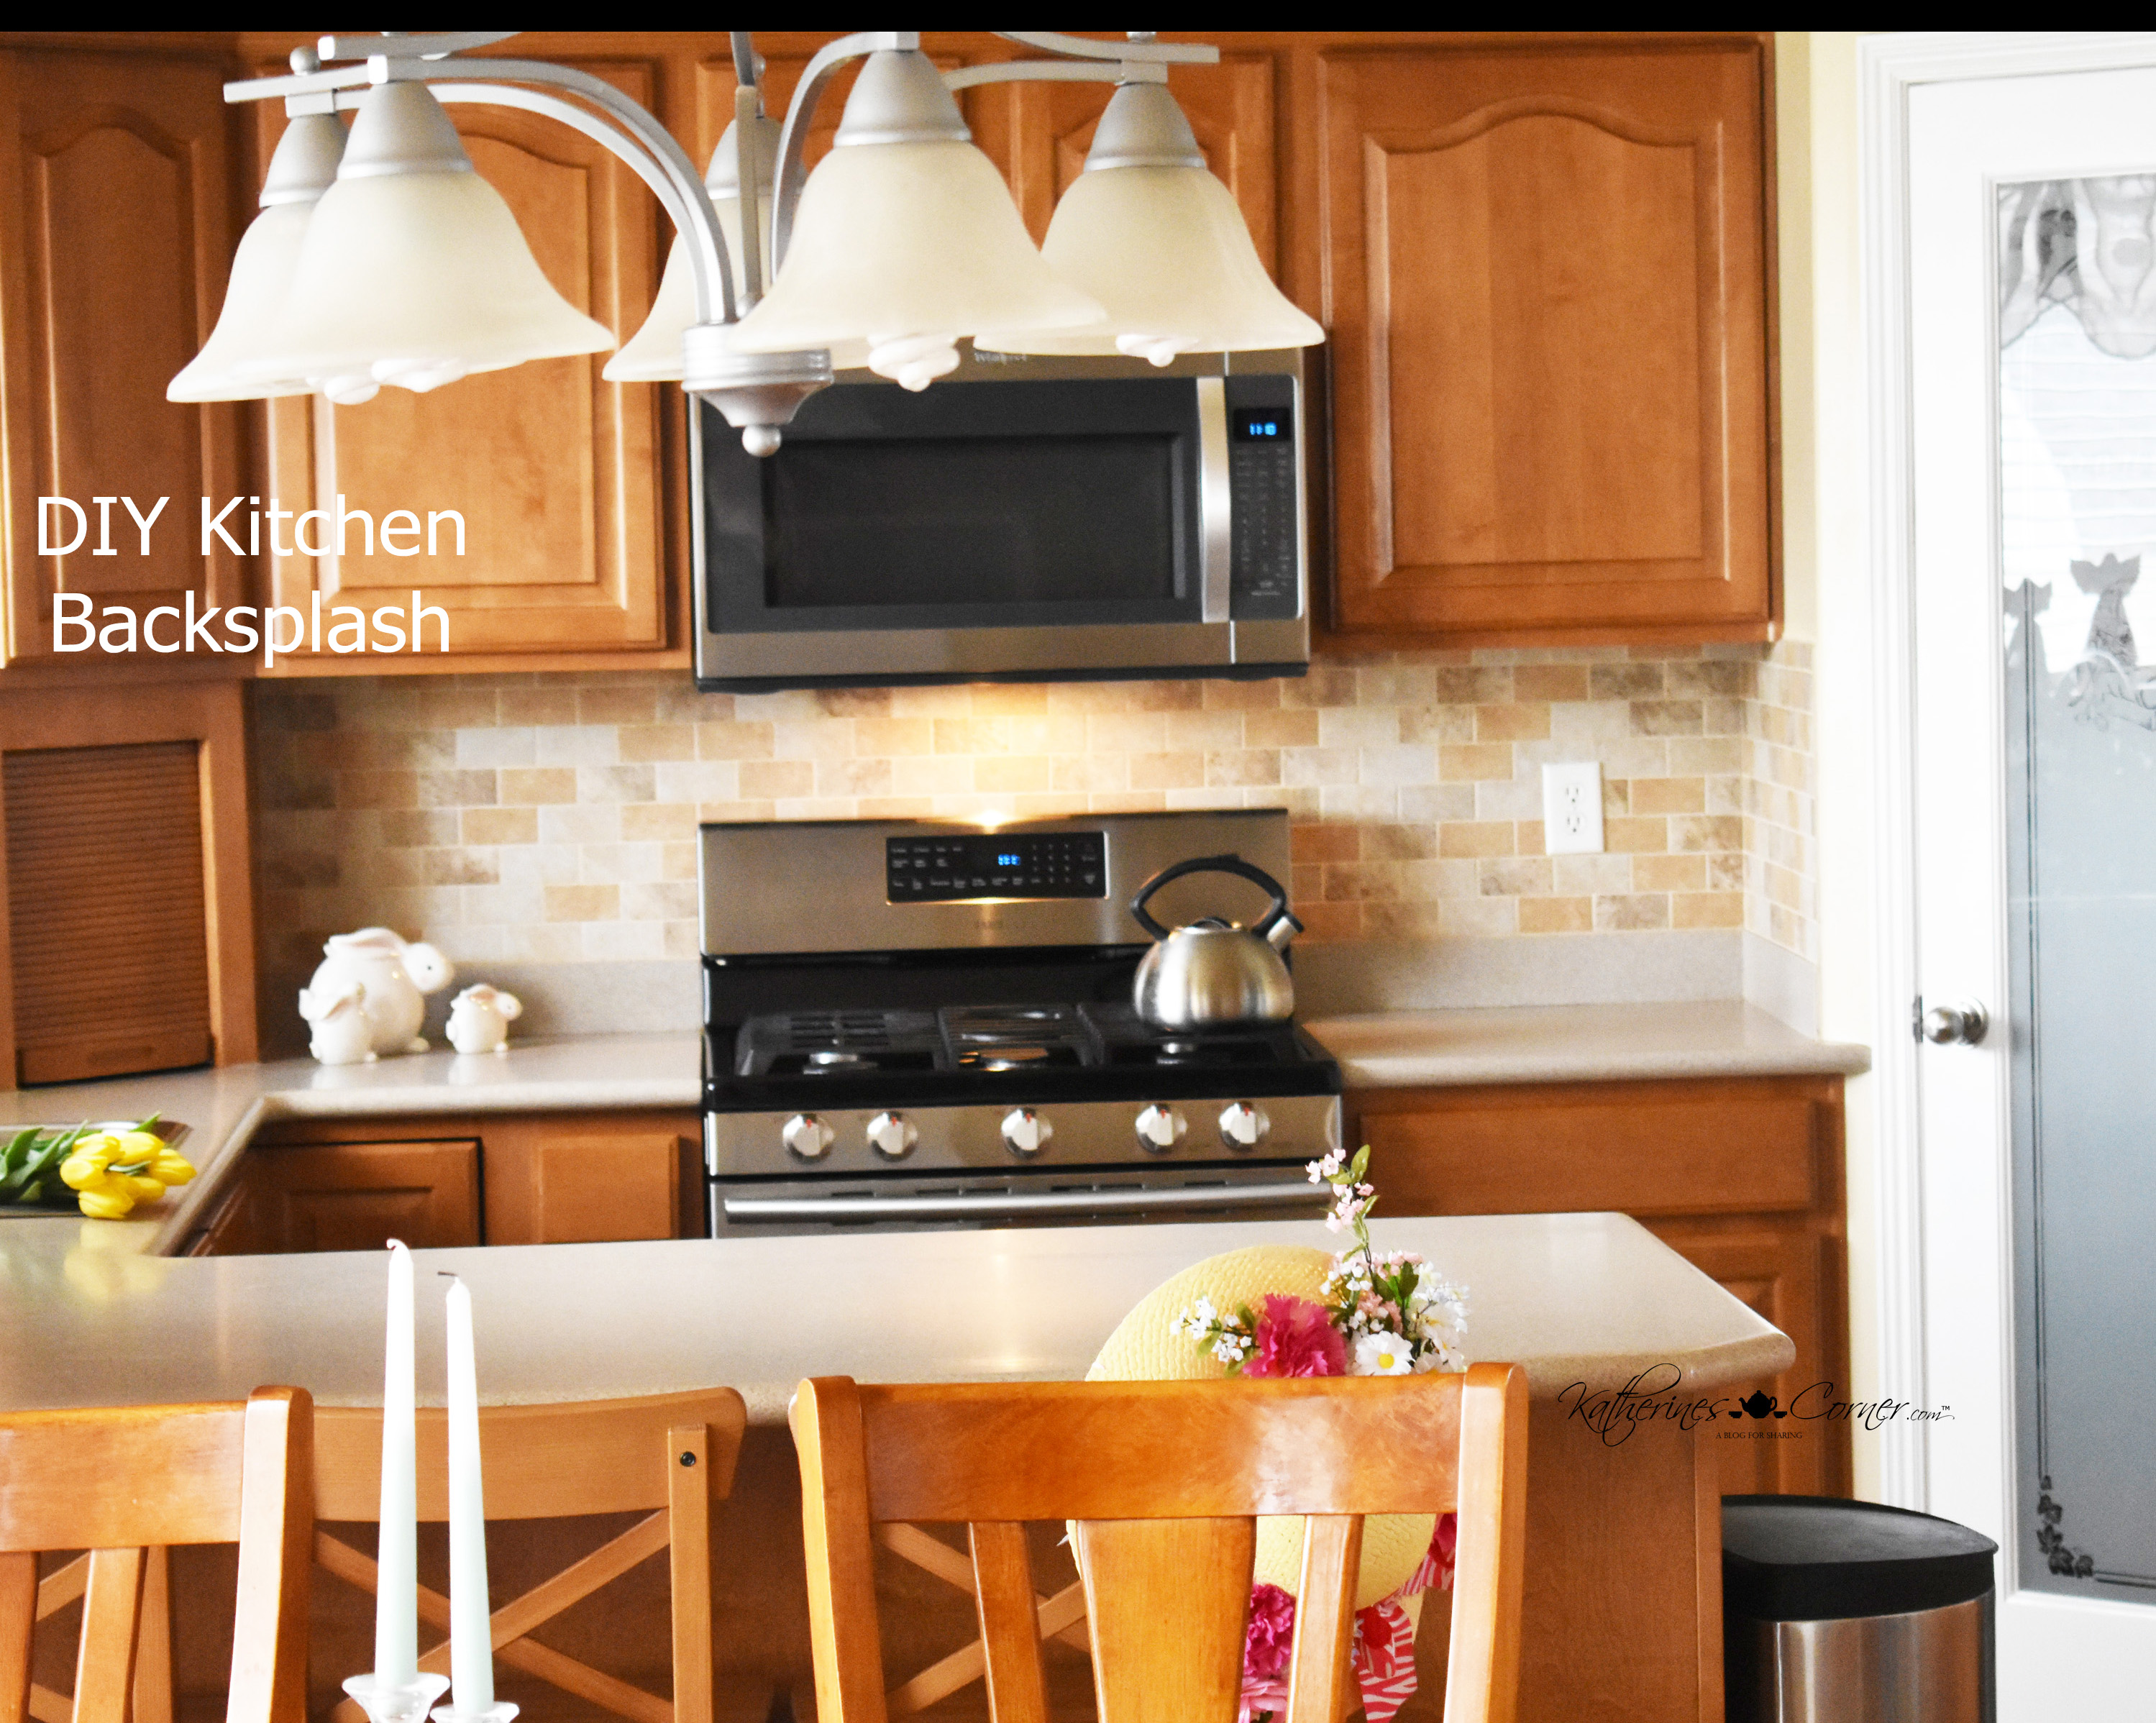 DIY Kitchen Backsplash